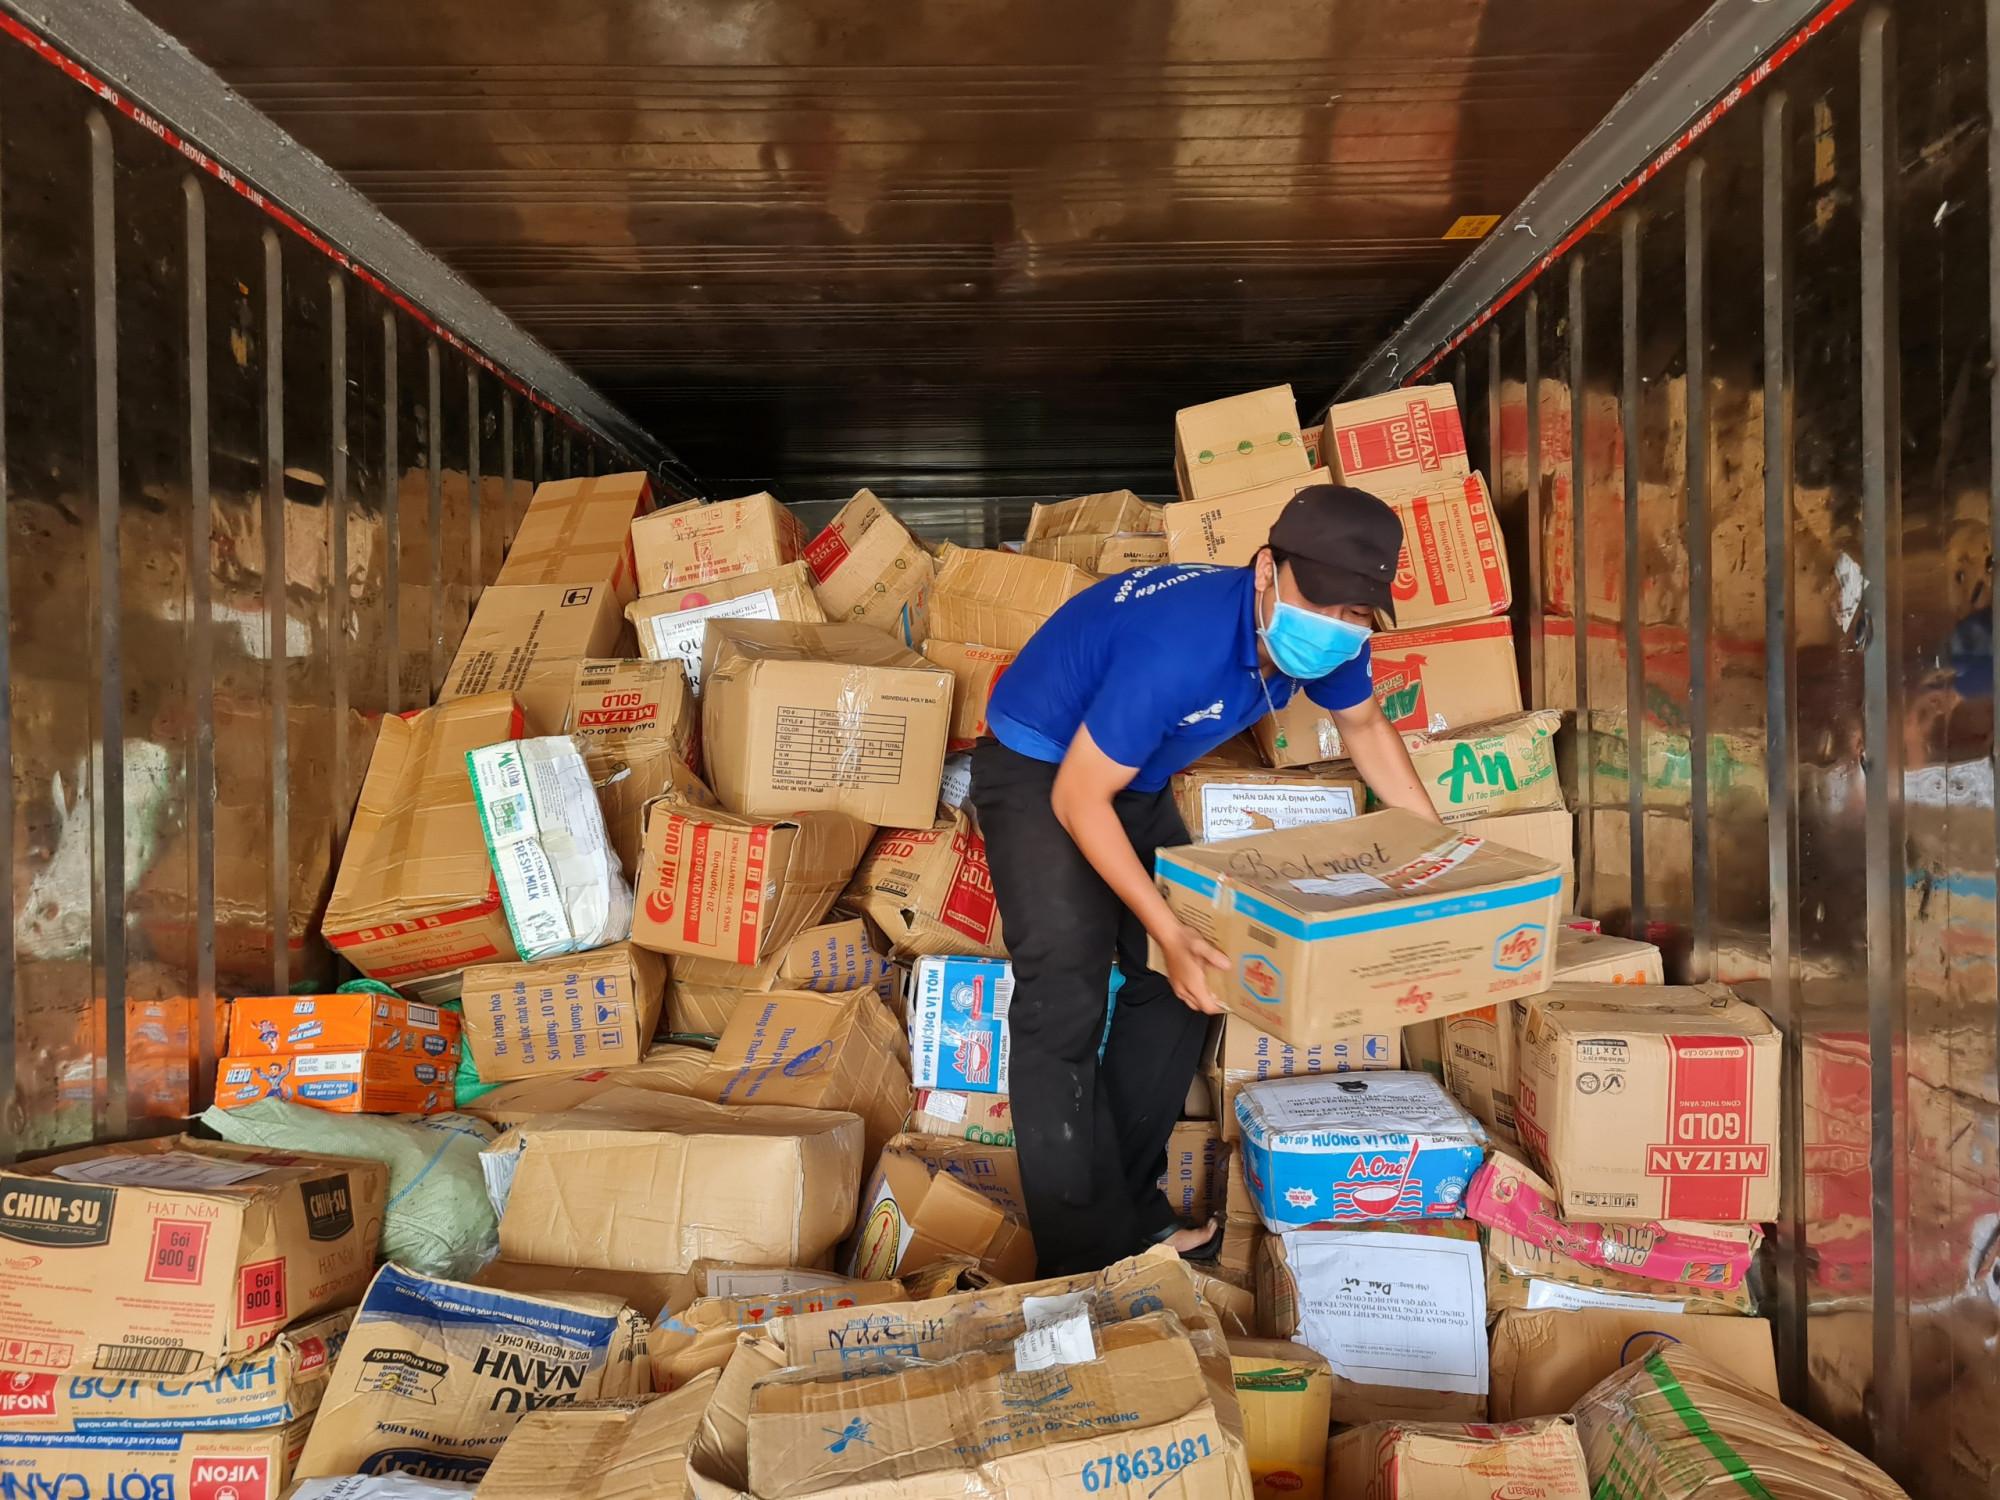 Hàng hóa được gói, bảo quản cẩn thận, nên quá trình vận chuyển ít xảy ra hư hao